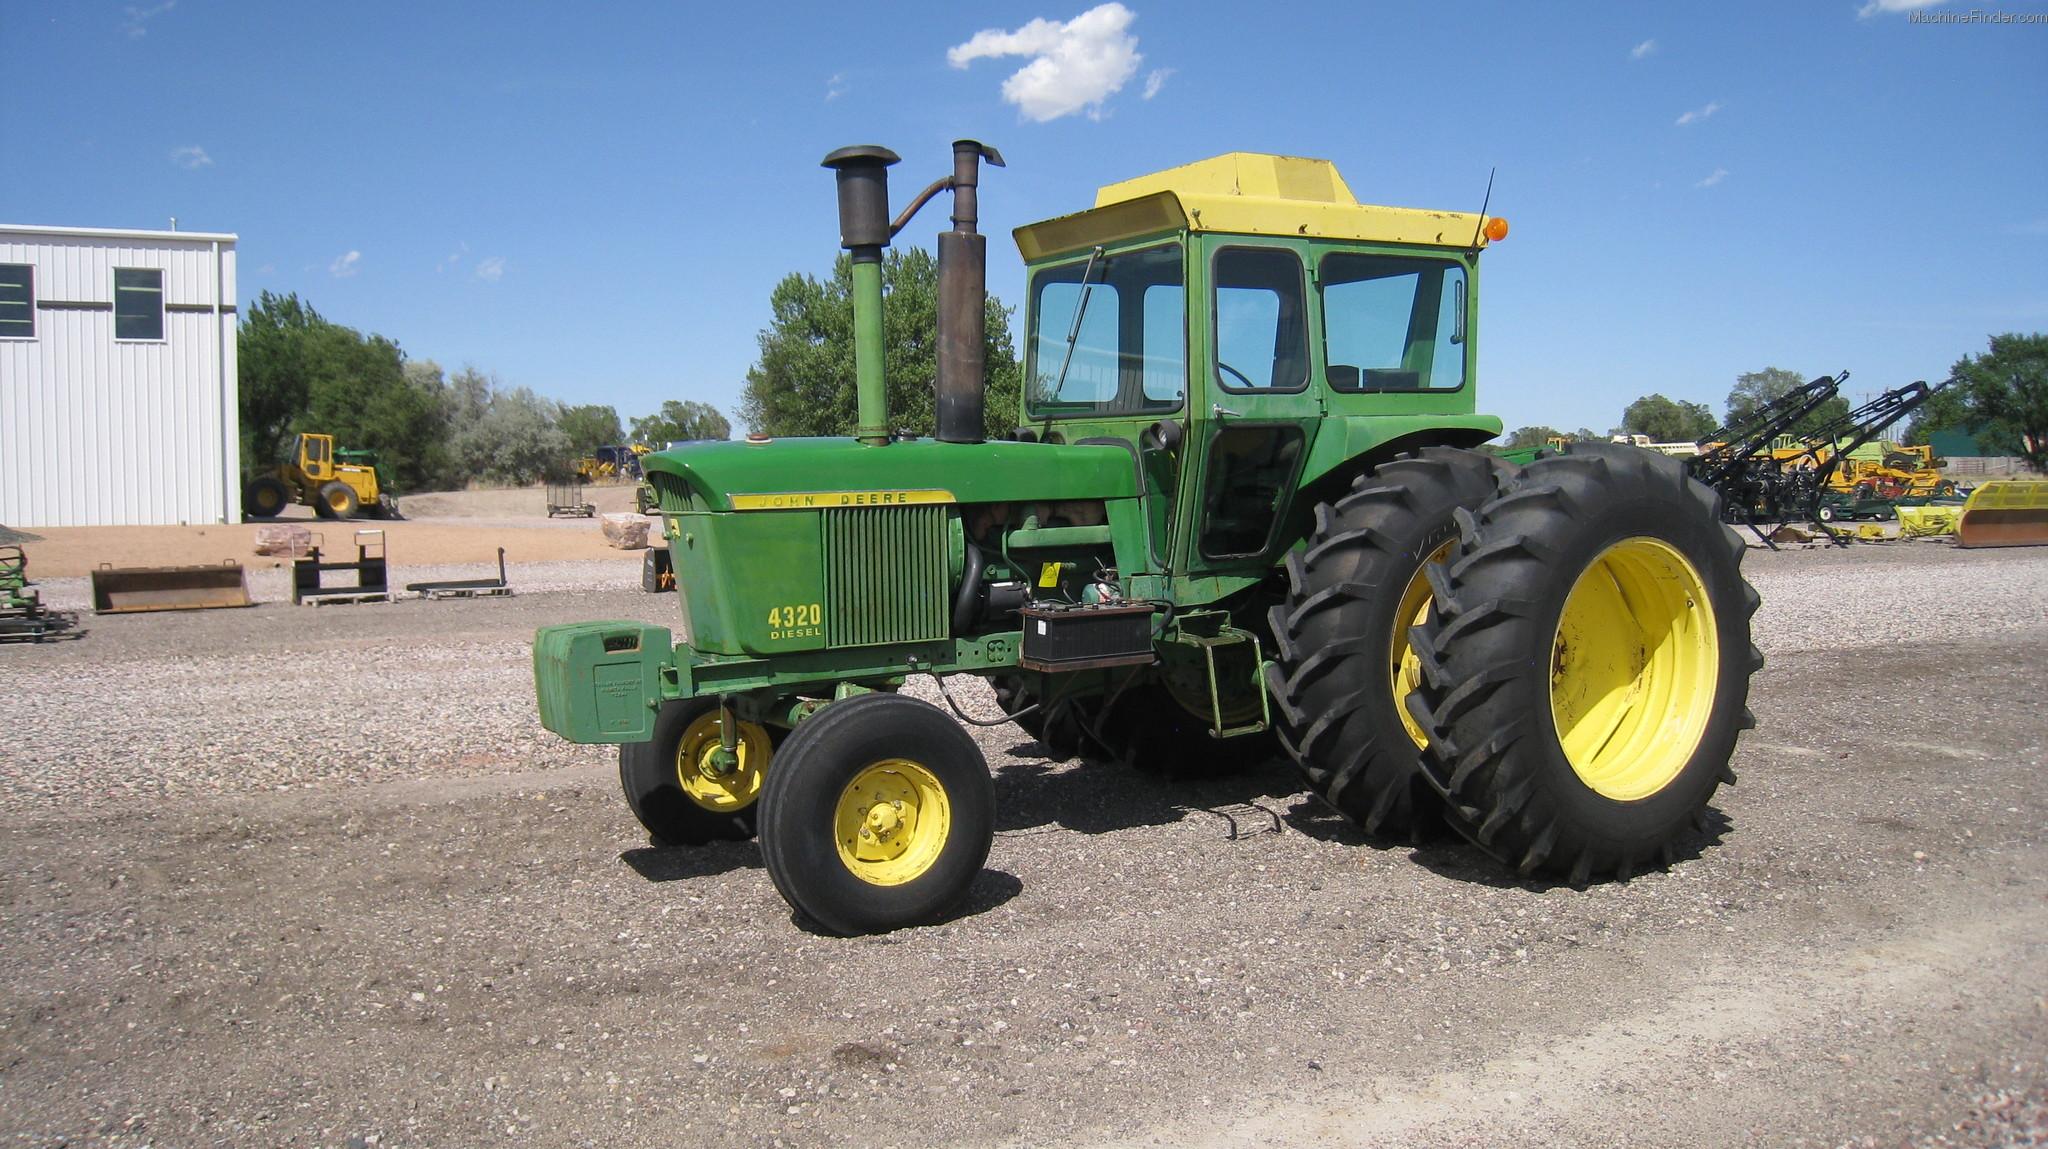 1972 John Deere 4320 Tractors - Row Crop (+100hp) - John ...